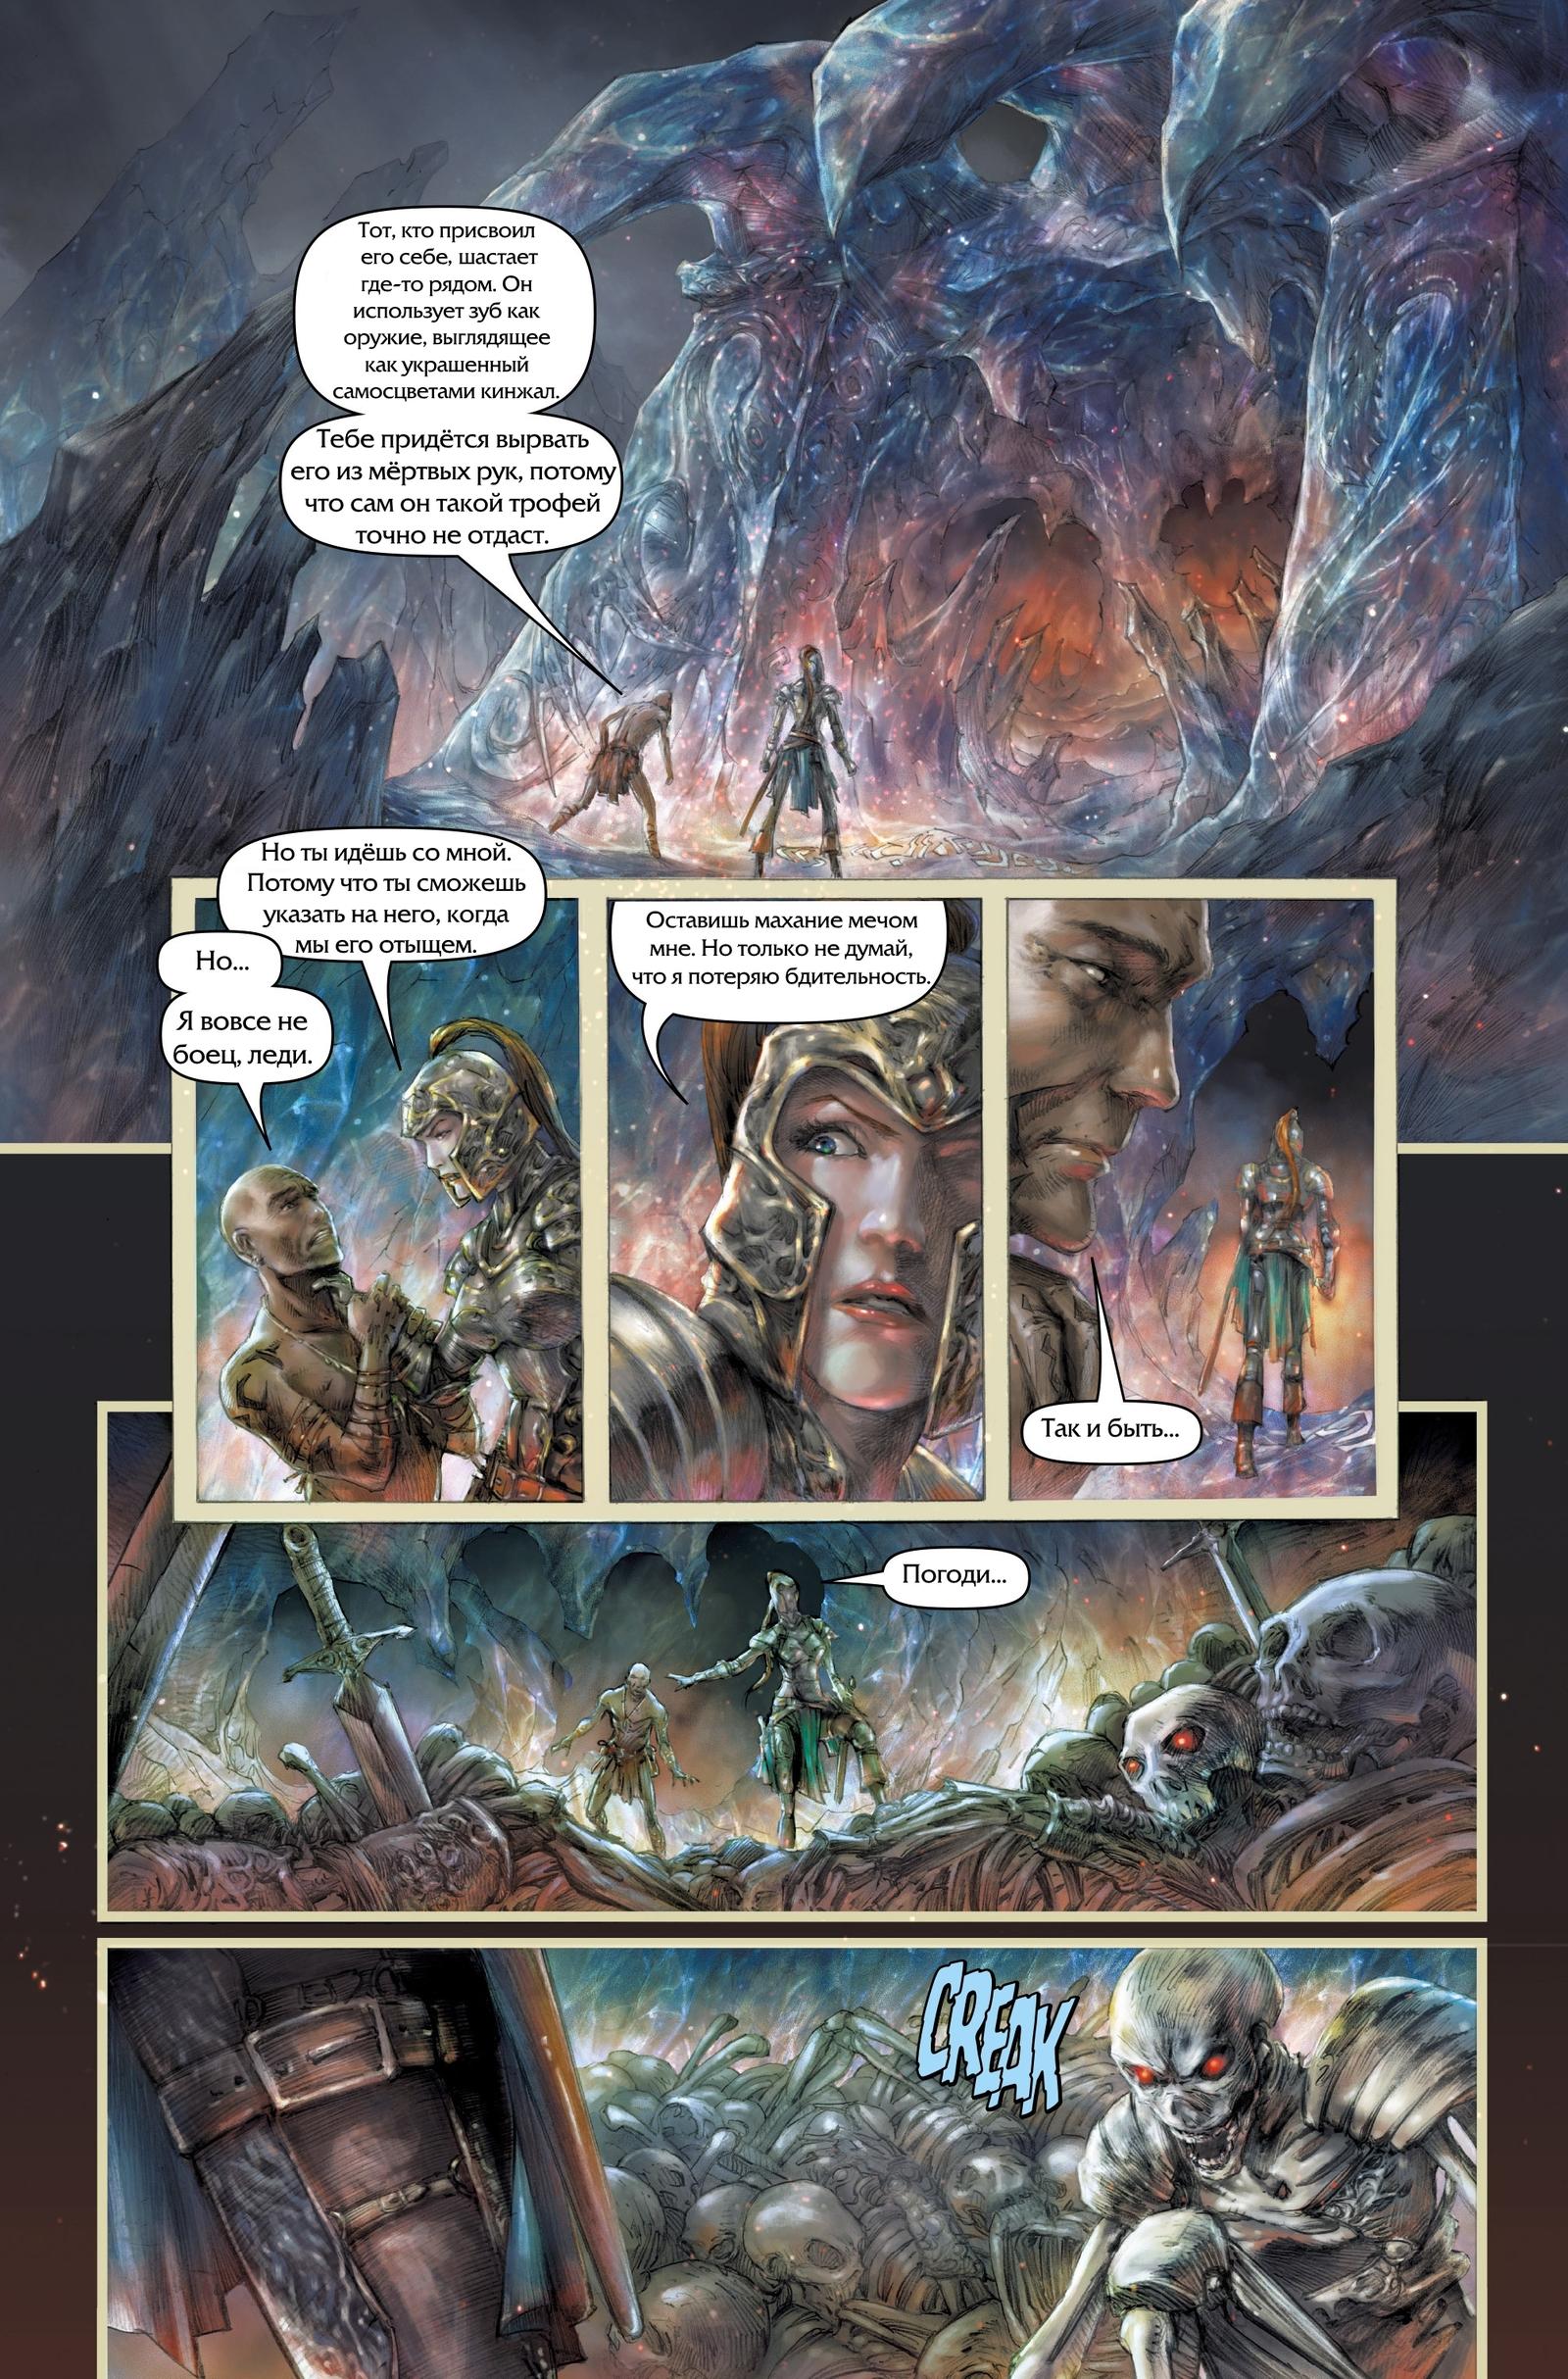 Немного комиксов по Dark Souls.(часть 1) - Изображение 6